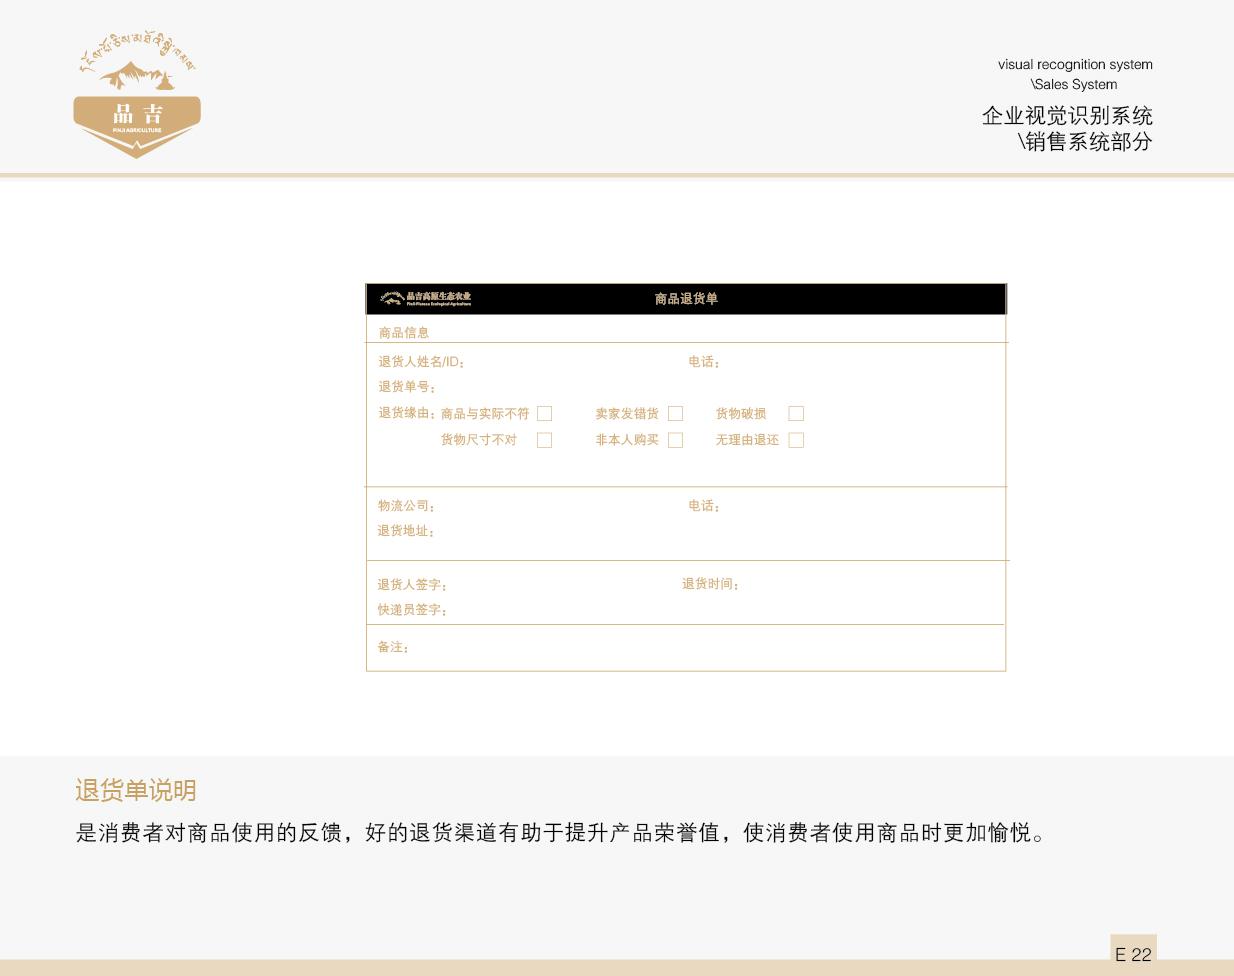 品吉农业VI 销售系统部分  客户资料  第23张